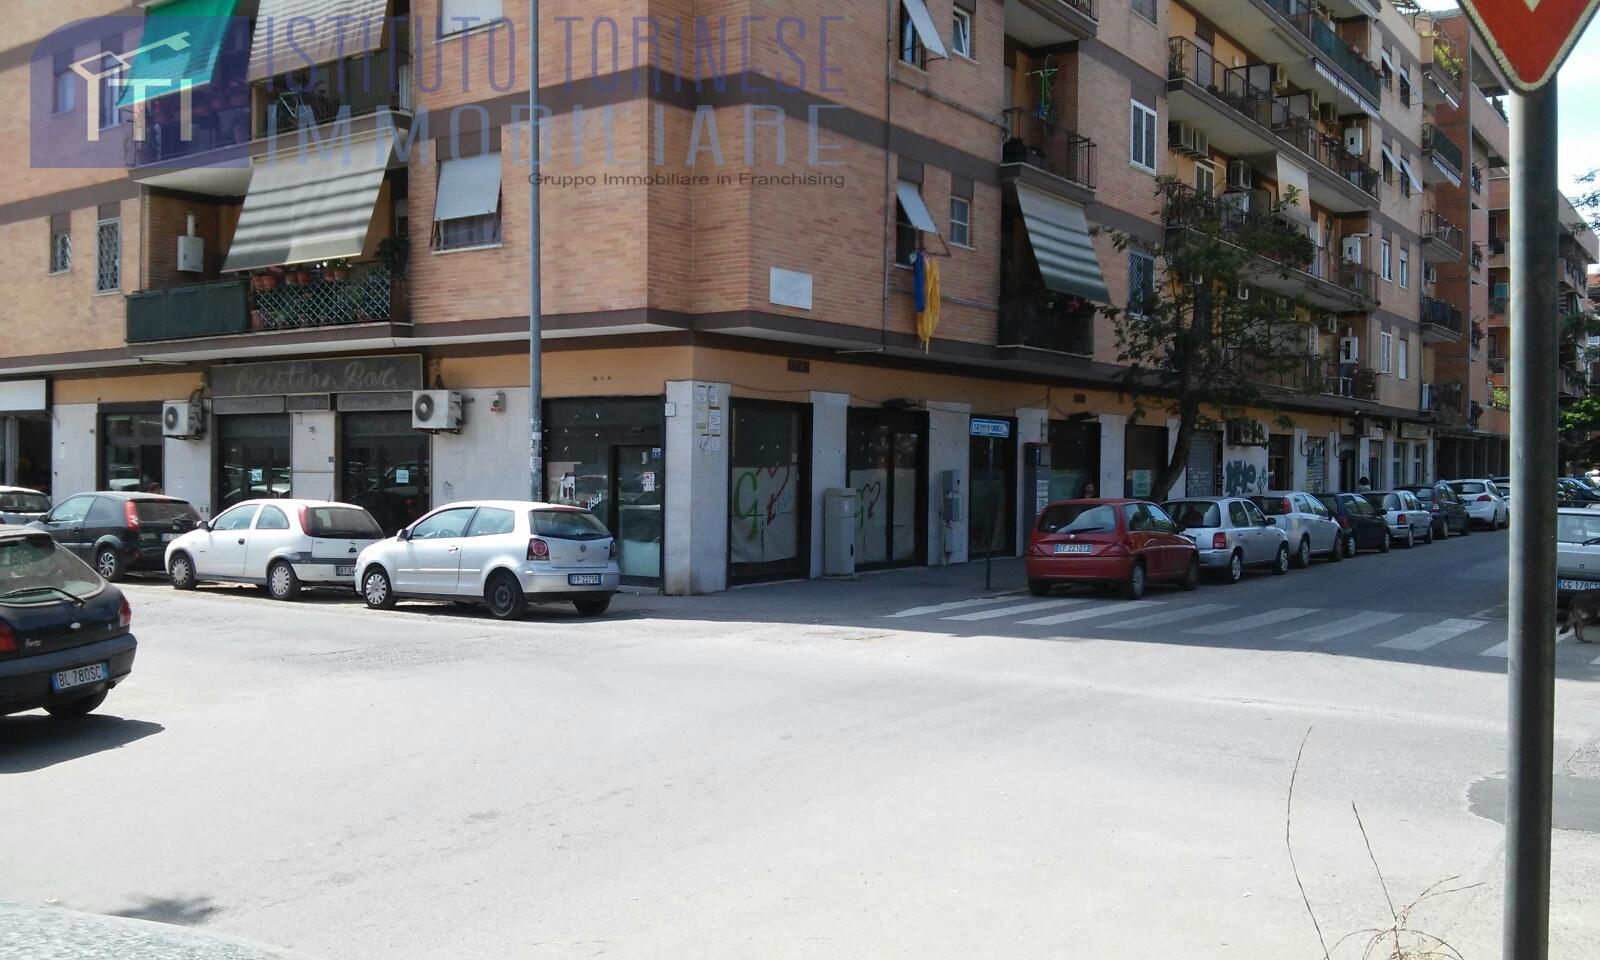 Locale commerciale Negozio in Affitto Roma ad6ca294993